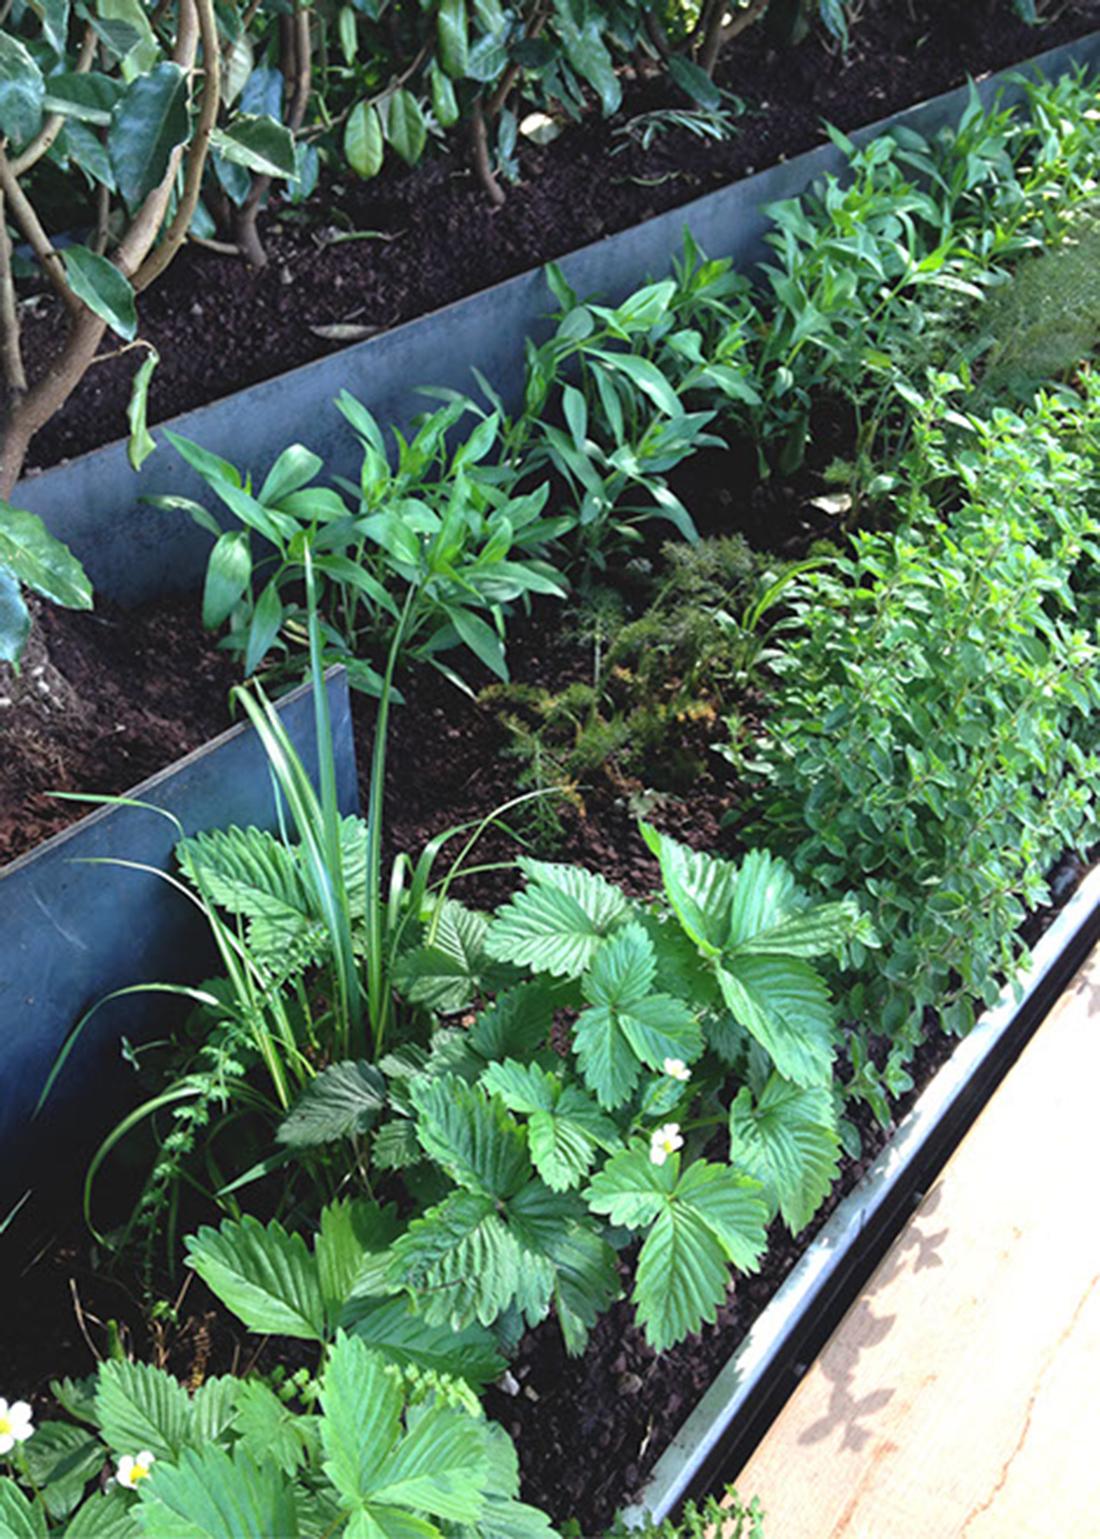 Allestimento giardino pensile milano primanatura giardini for Allestimento giardino